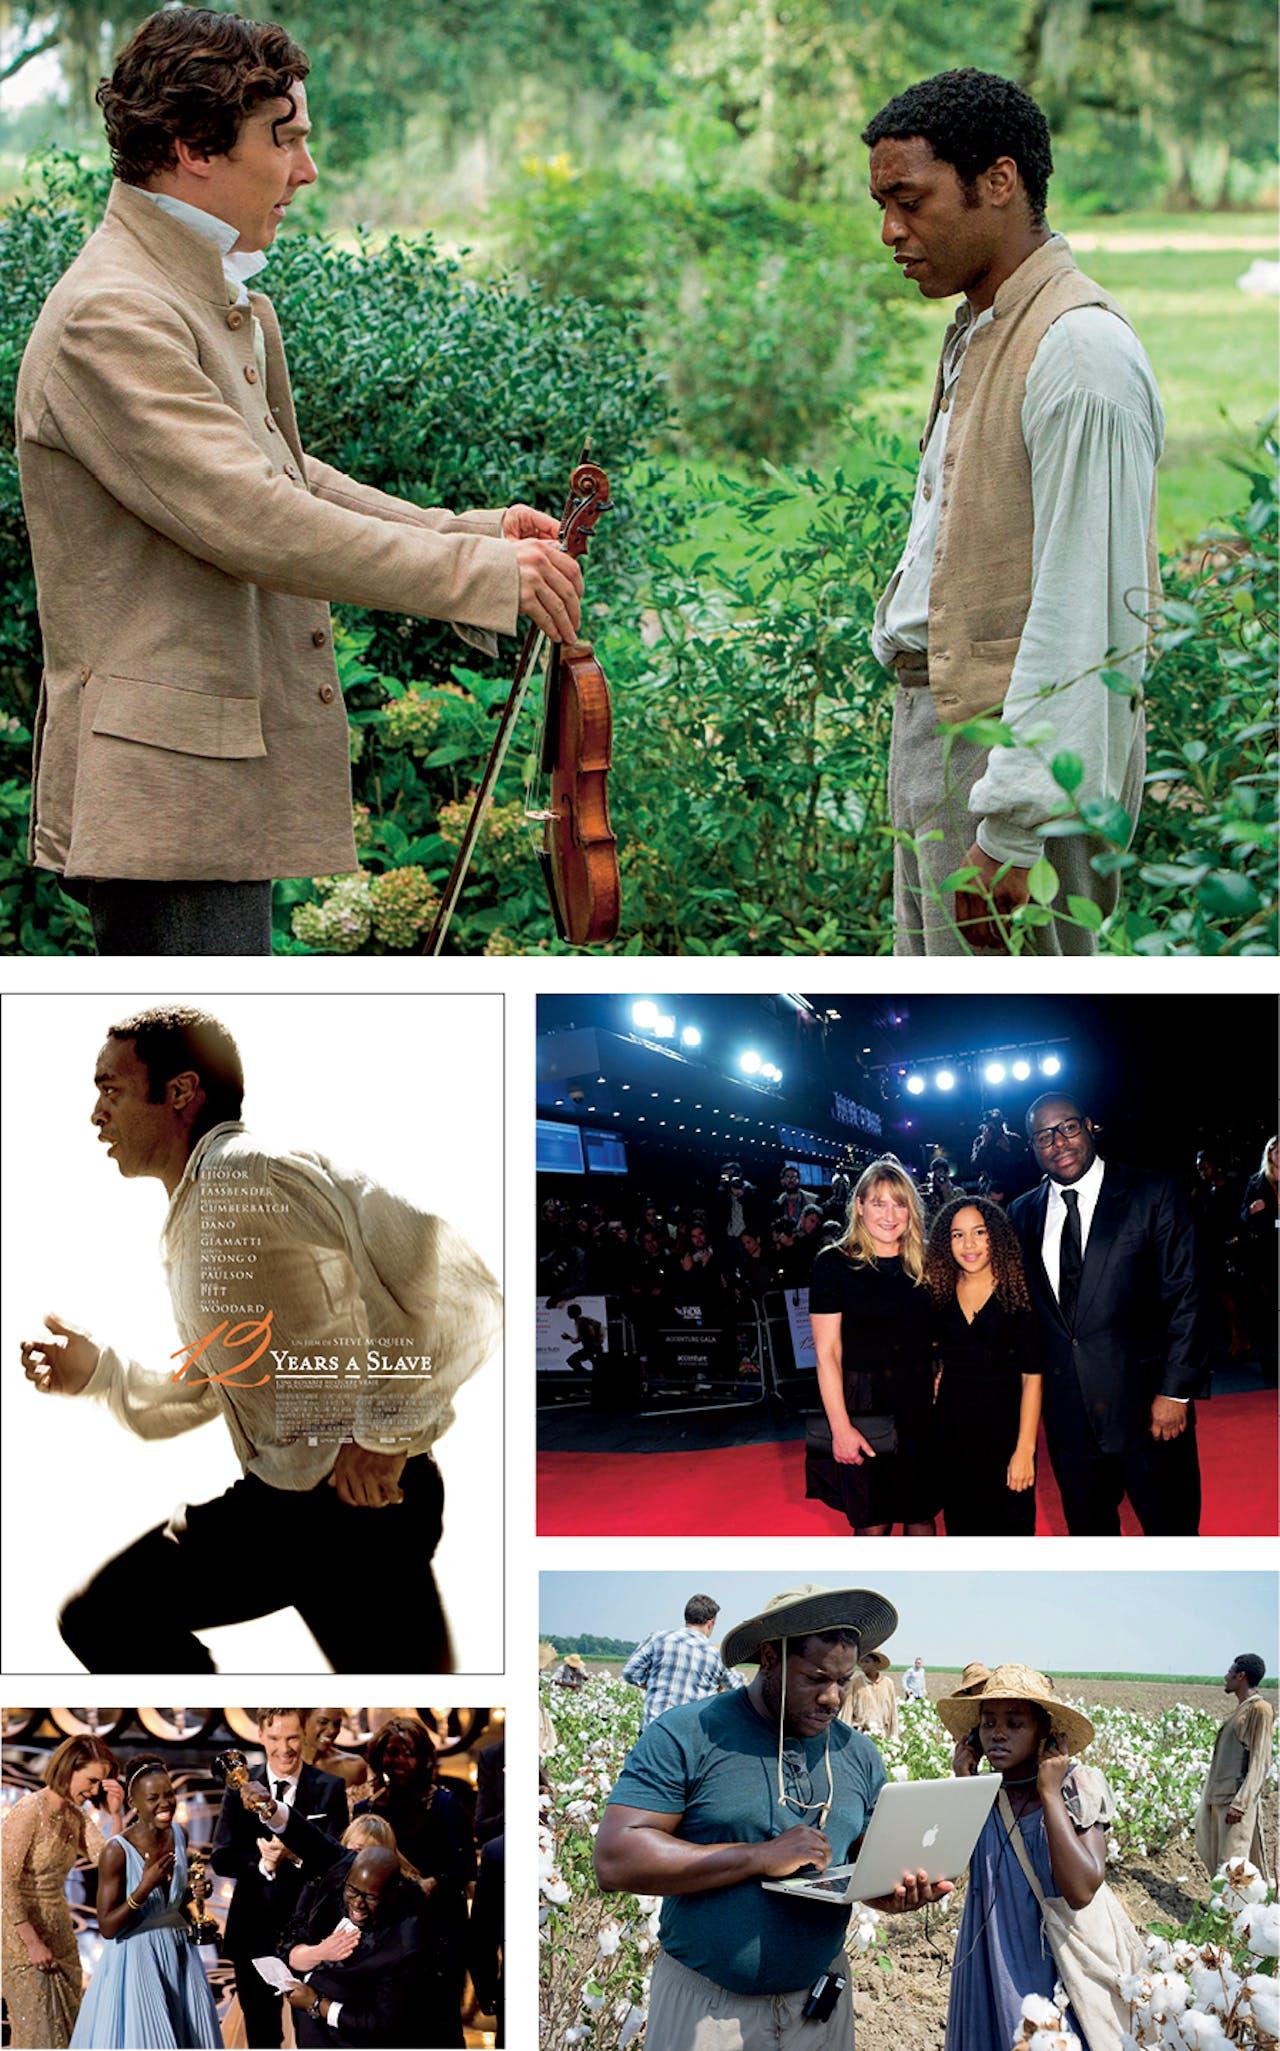 Scene uit '12 Years a Slave' met Benedict Cumberbatch en Chiwetel Ejiofor; onder: op de premiere met zijn vrouw, Bianca Stigter, en dochter Alex; daaronder: op de set met actrice Lupita Nyong'o; links: euforie heerst bij het winnen van de Oscar voor Beste Film.